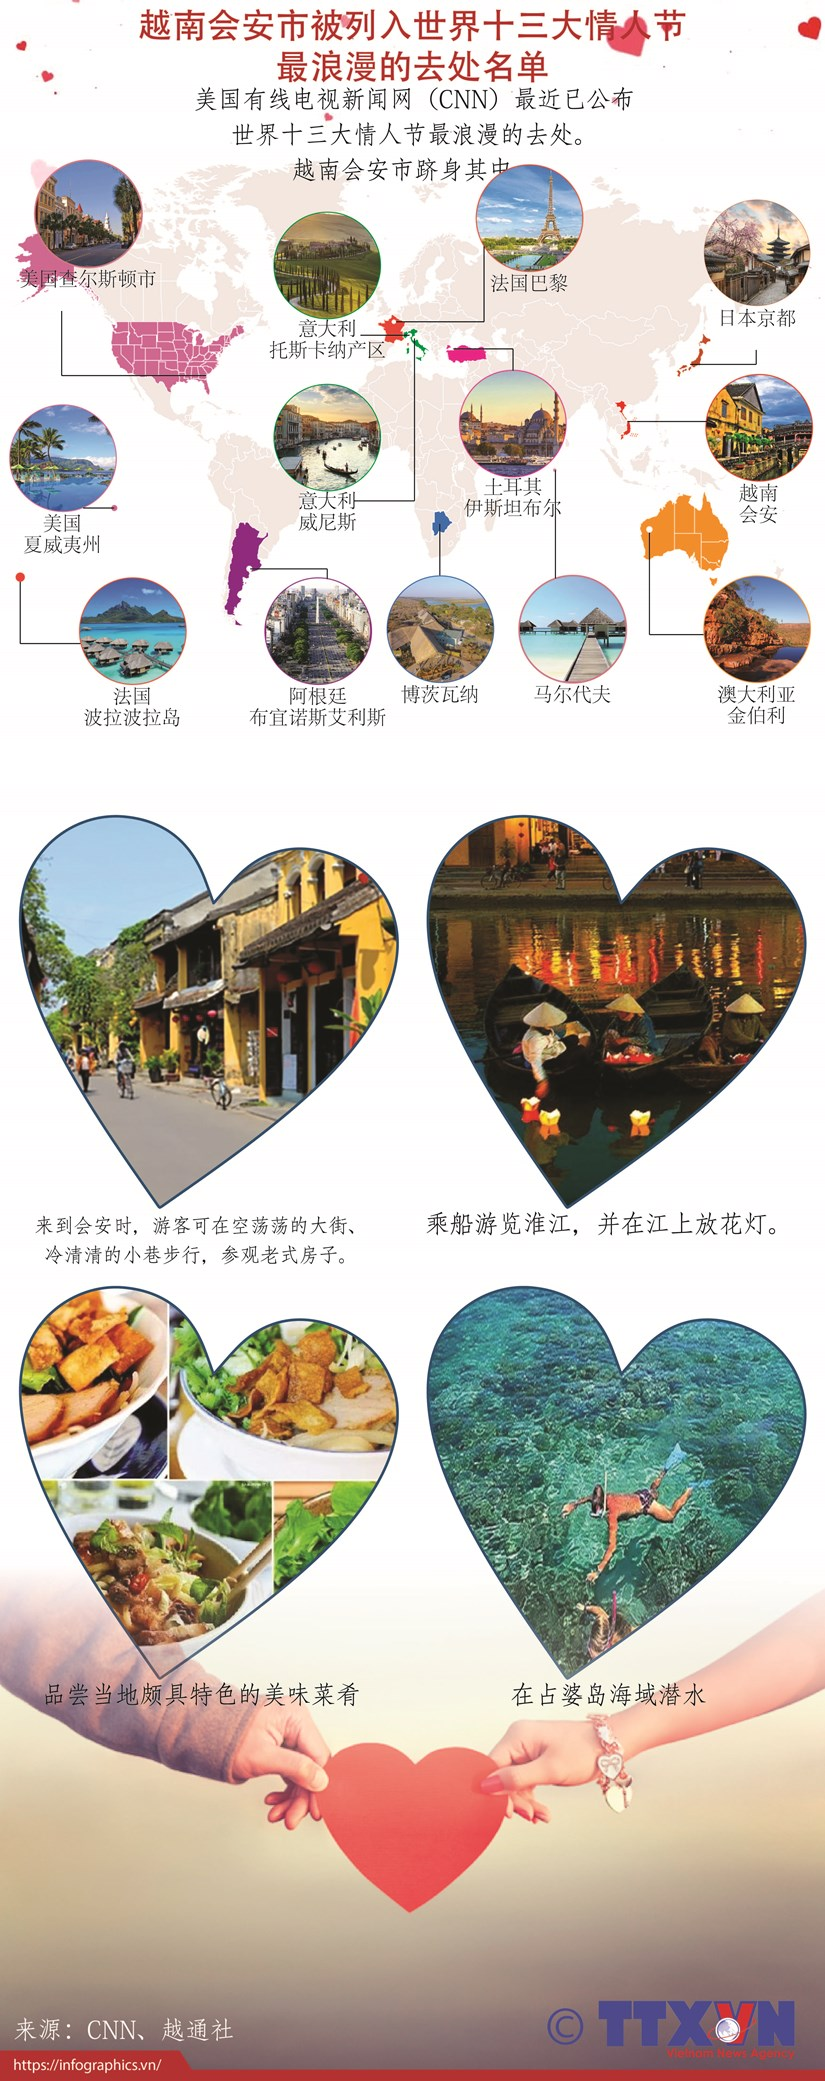 图表新闻:越南会安市被列入世界十三大情人节最浪漫的去处名单 hinh anh 1